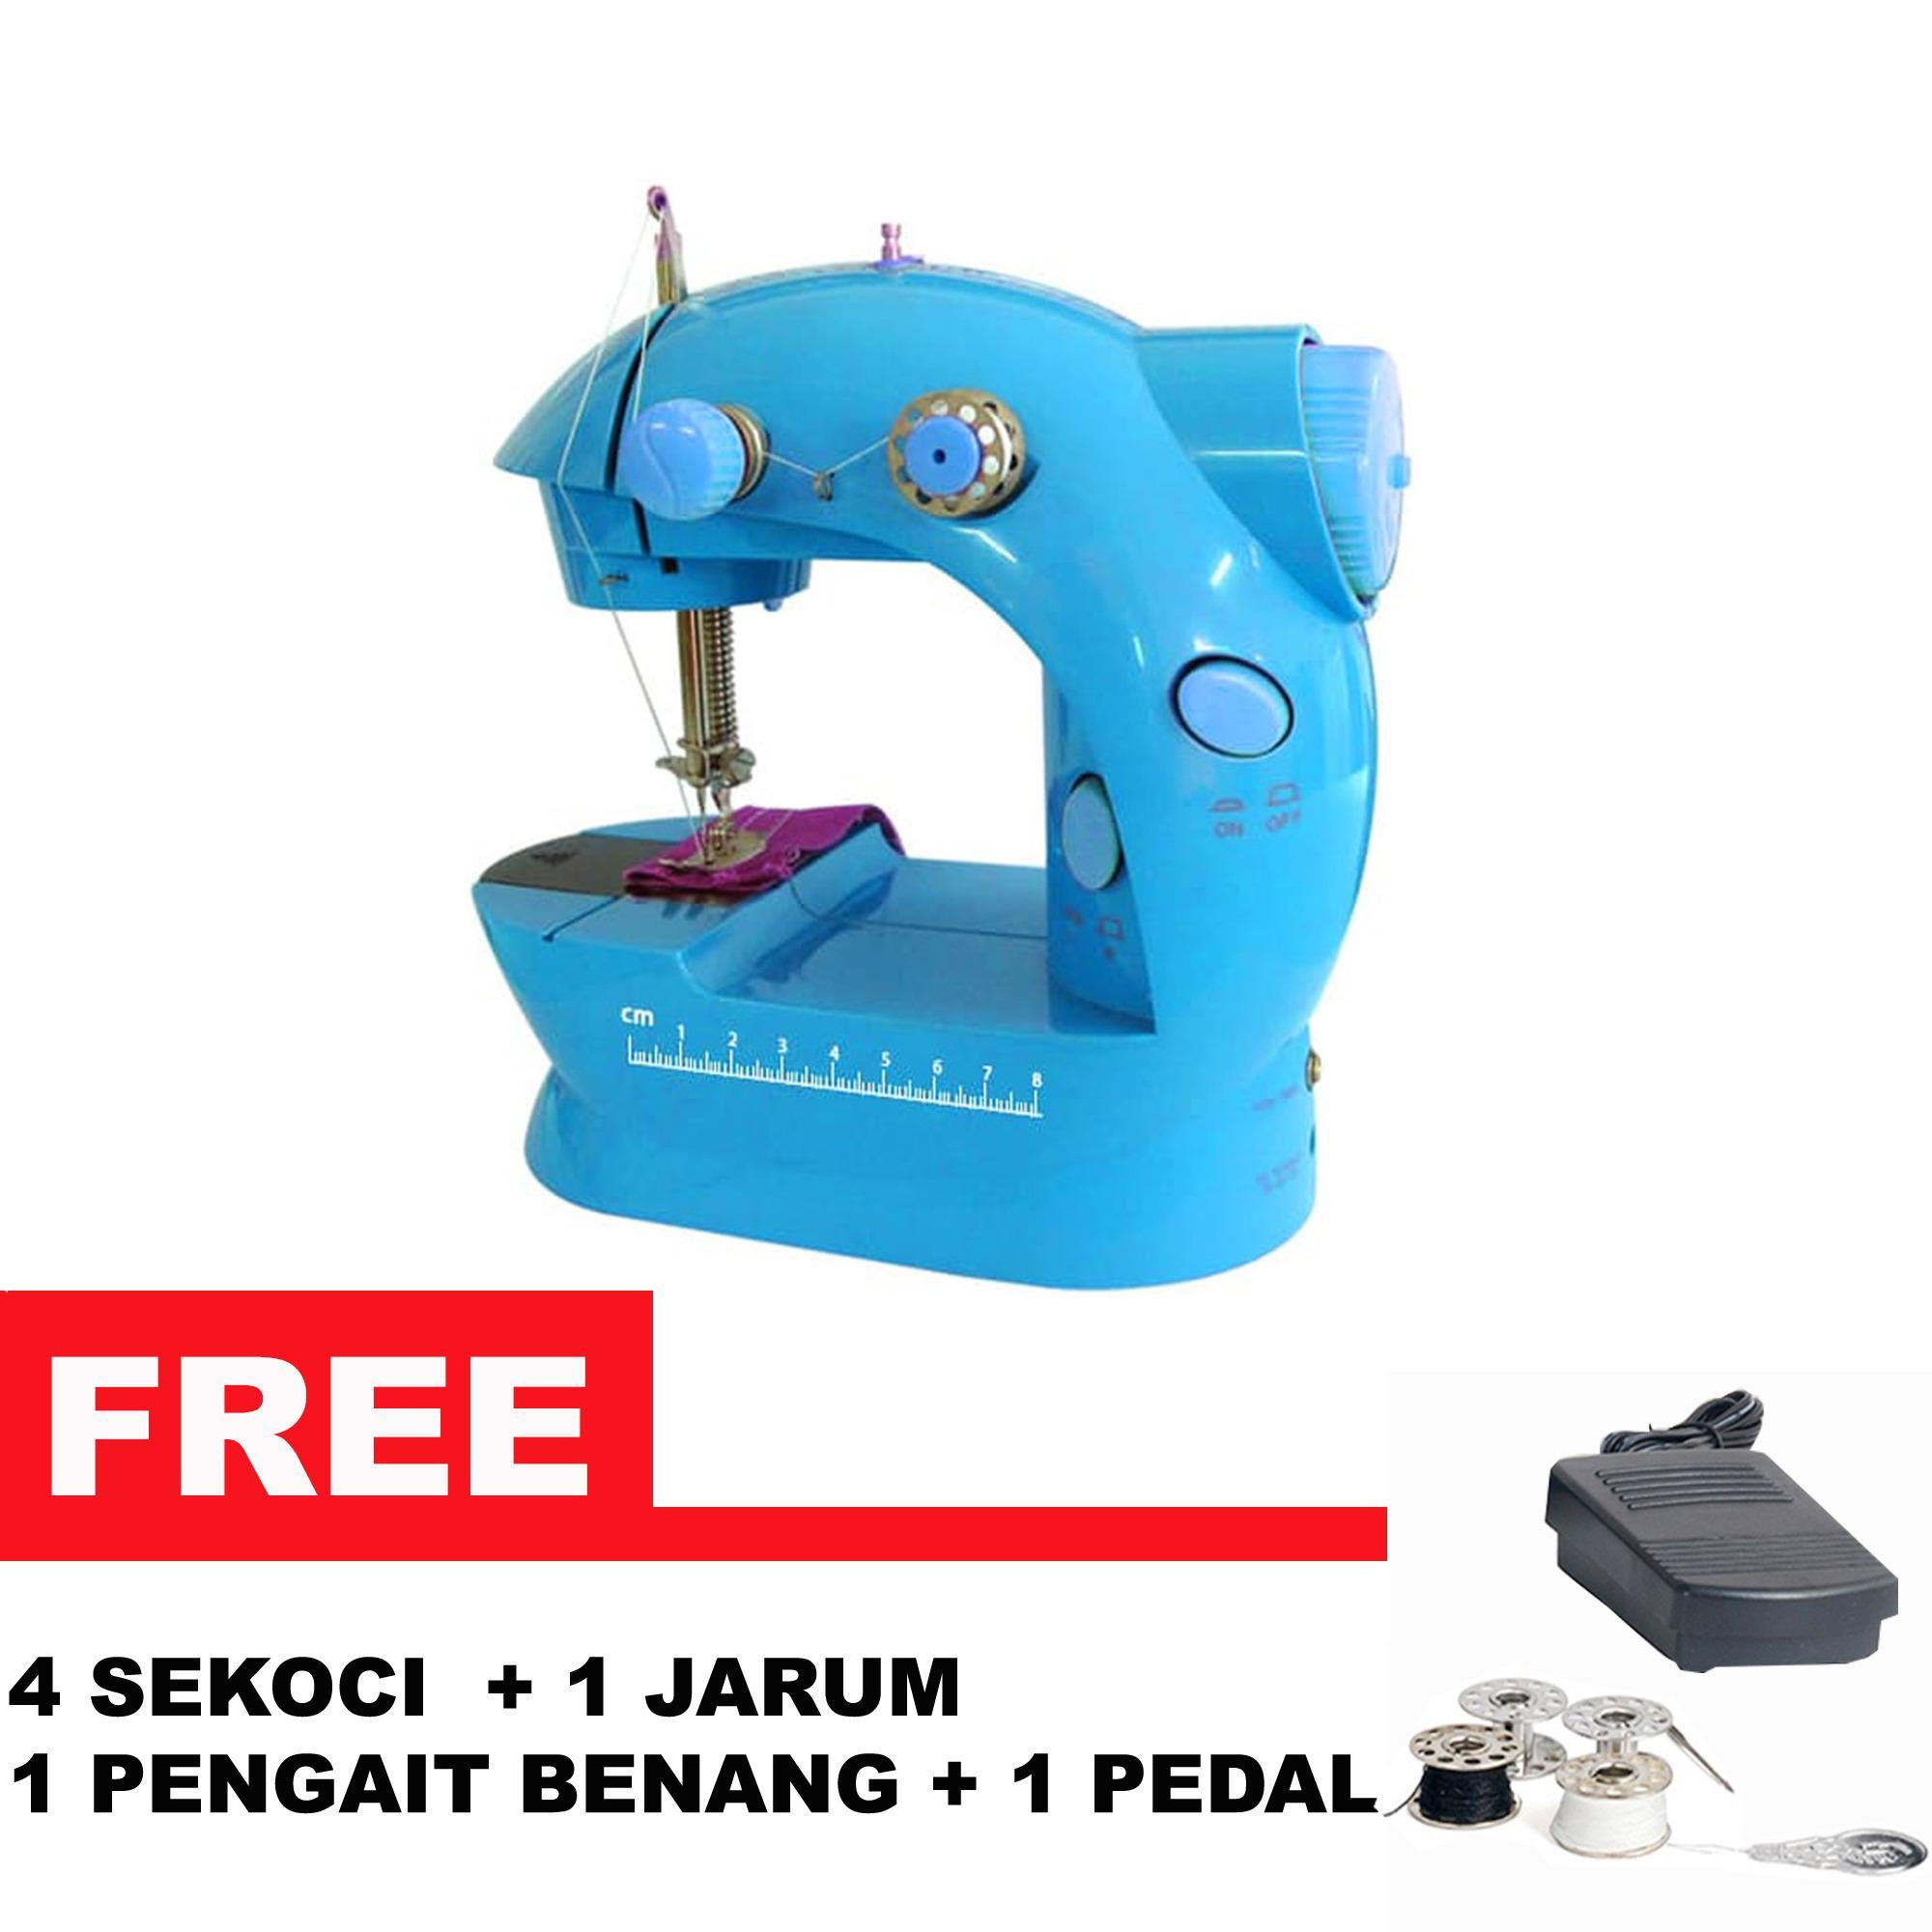 Janome Hd 3000 Mesin Jahit Heavy Duty Free Sjs Starter Kit Page 4 1000 Portable Multifungsi Singer 4411 Gratis Tool Source